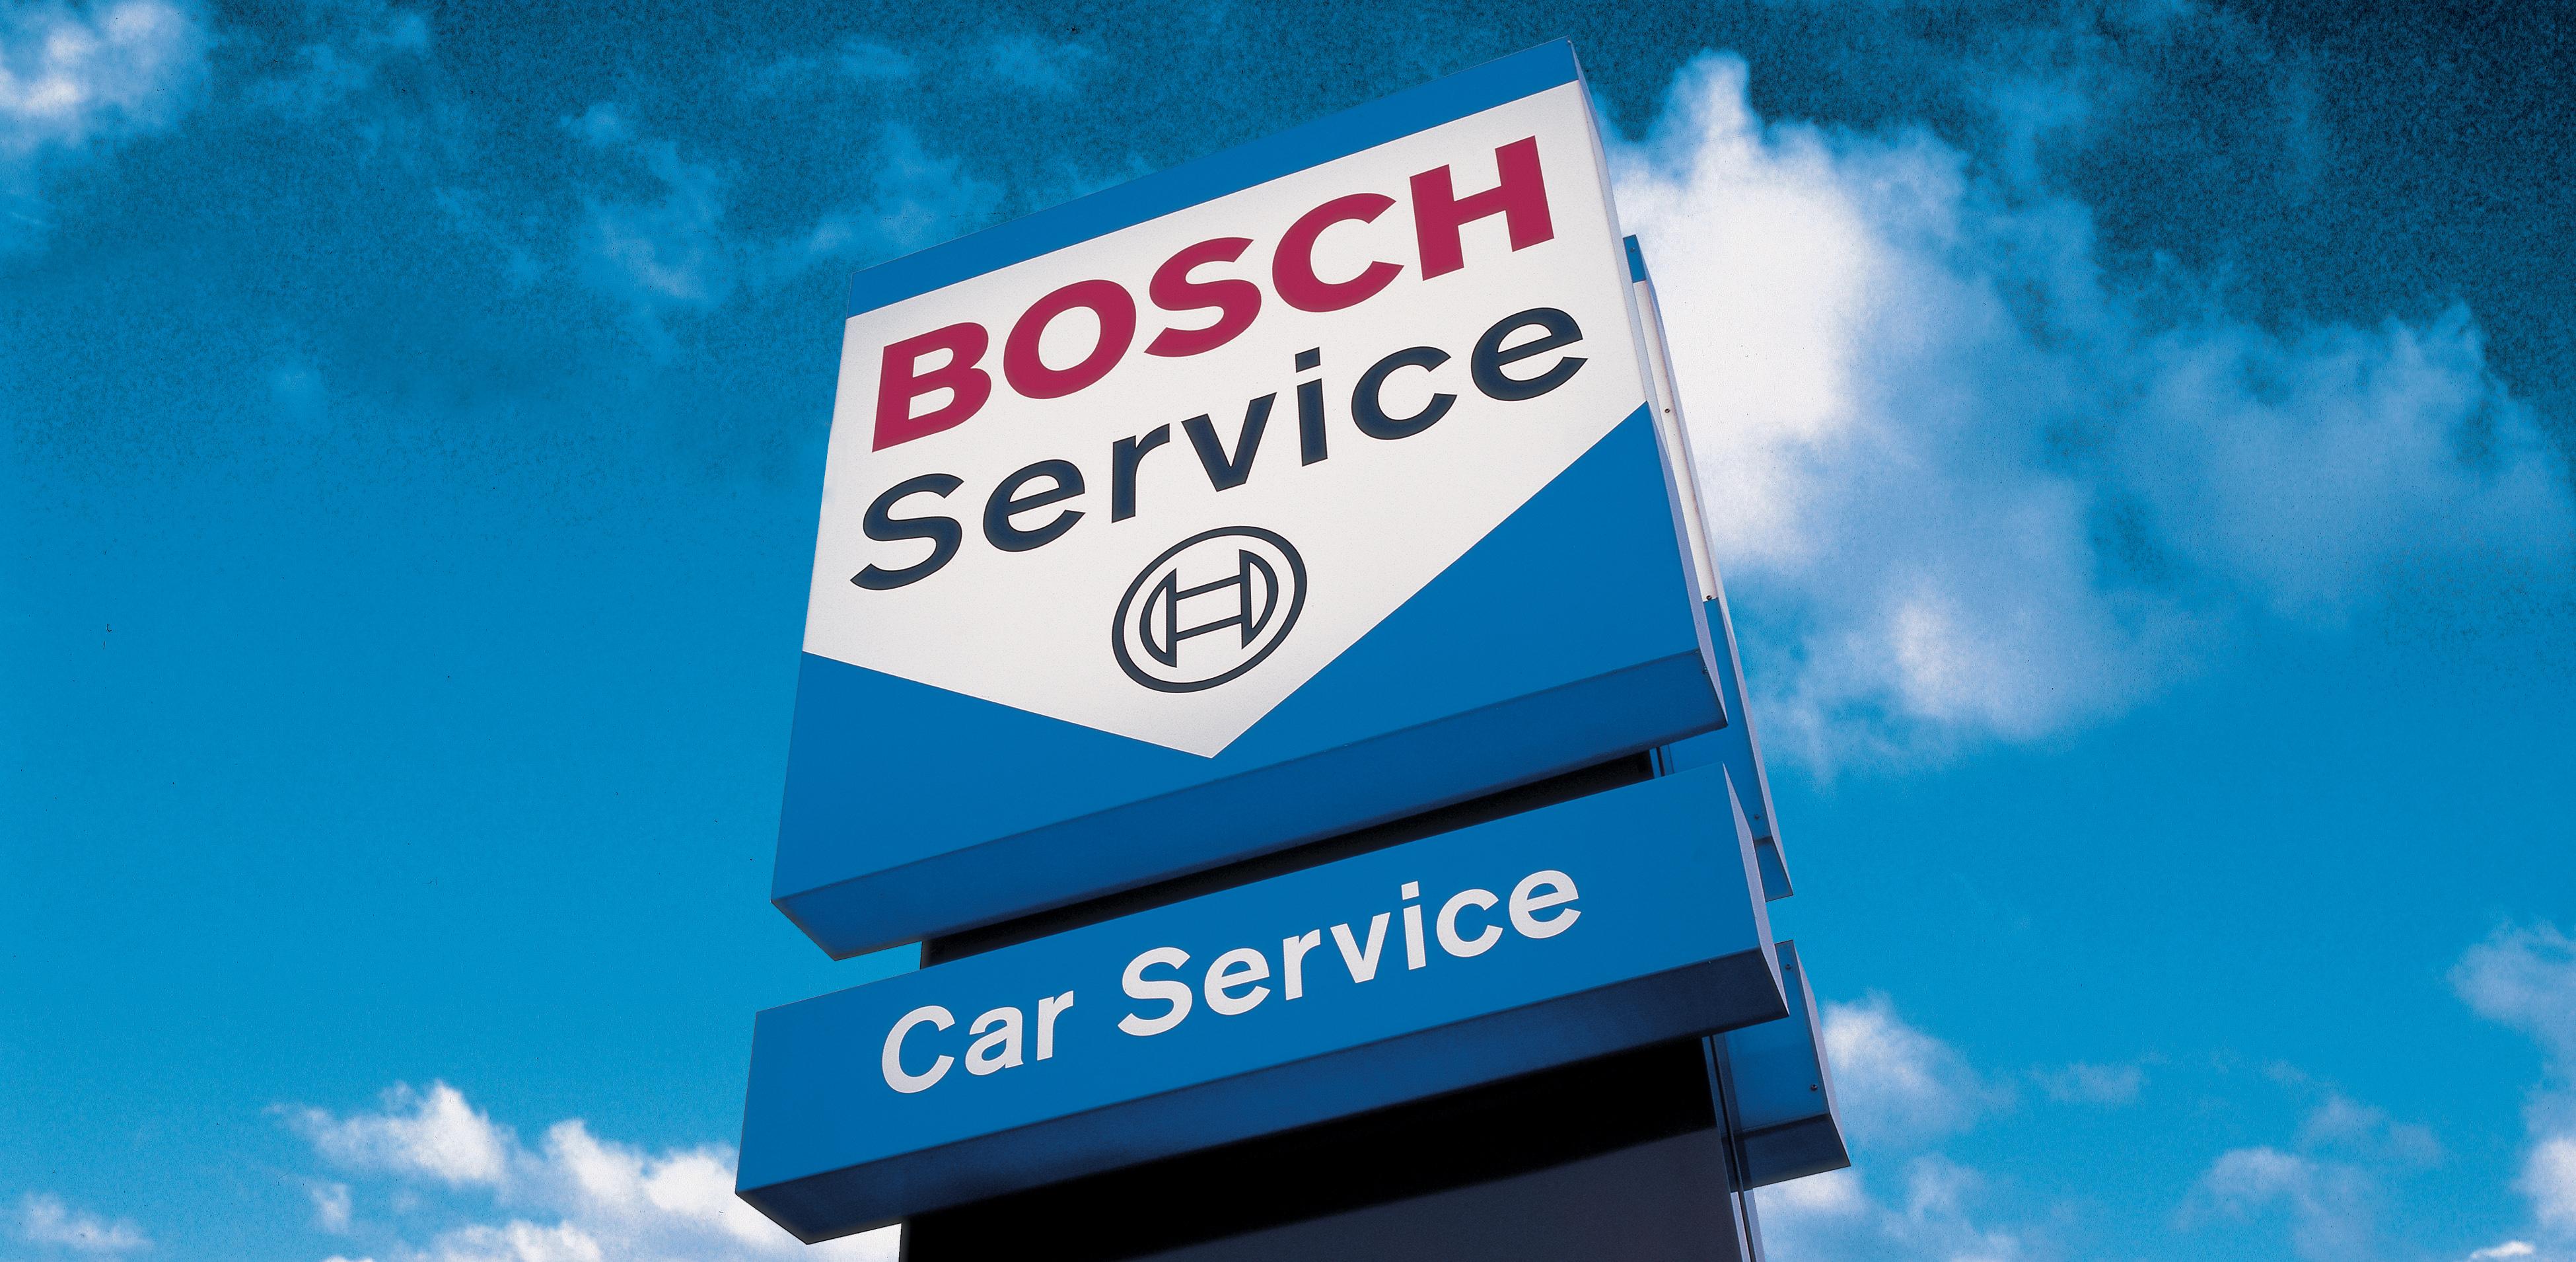 bosch car service pl biscit par allogarage am today. Black Bedroom Furniture Sets. Home Design Ideas